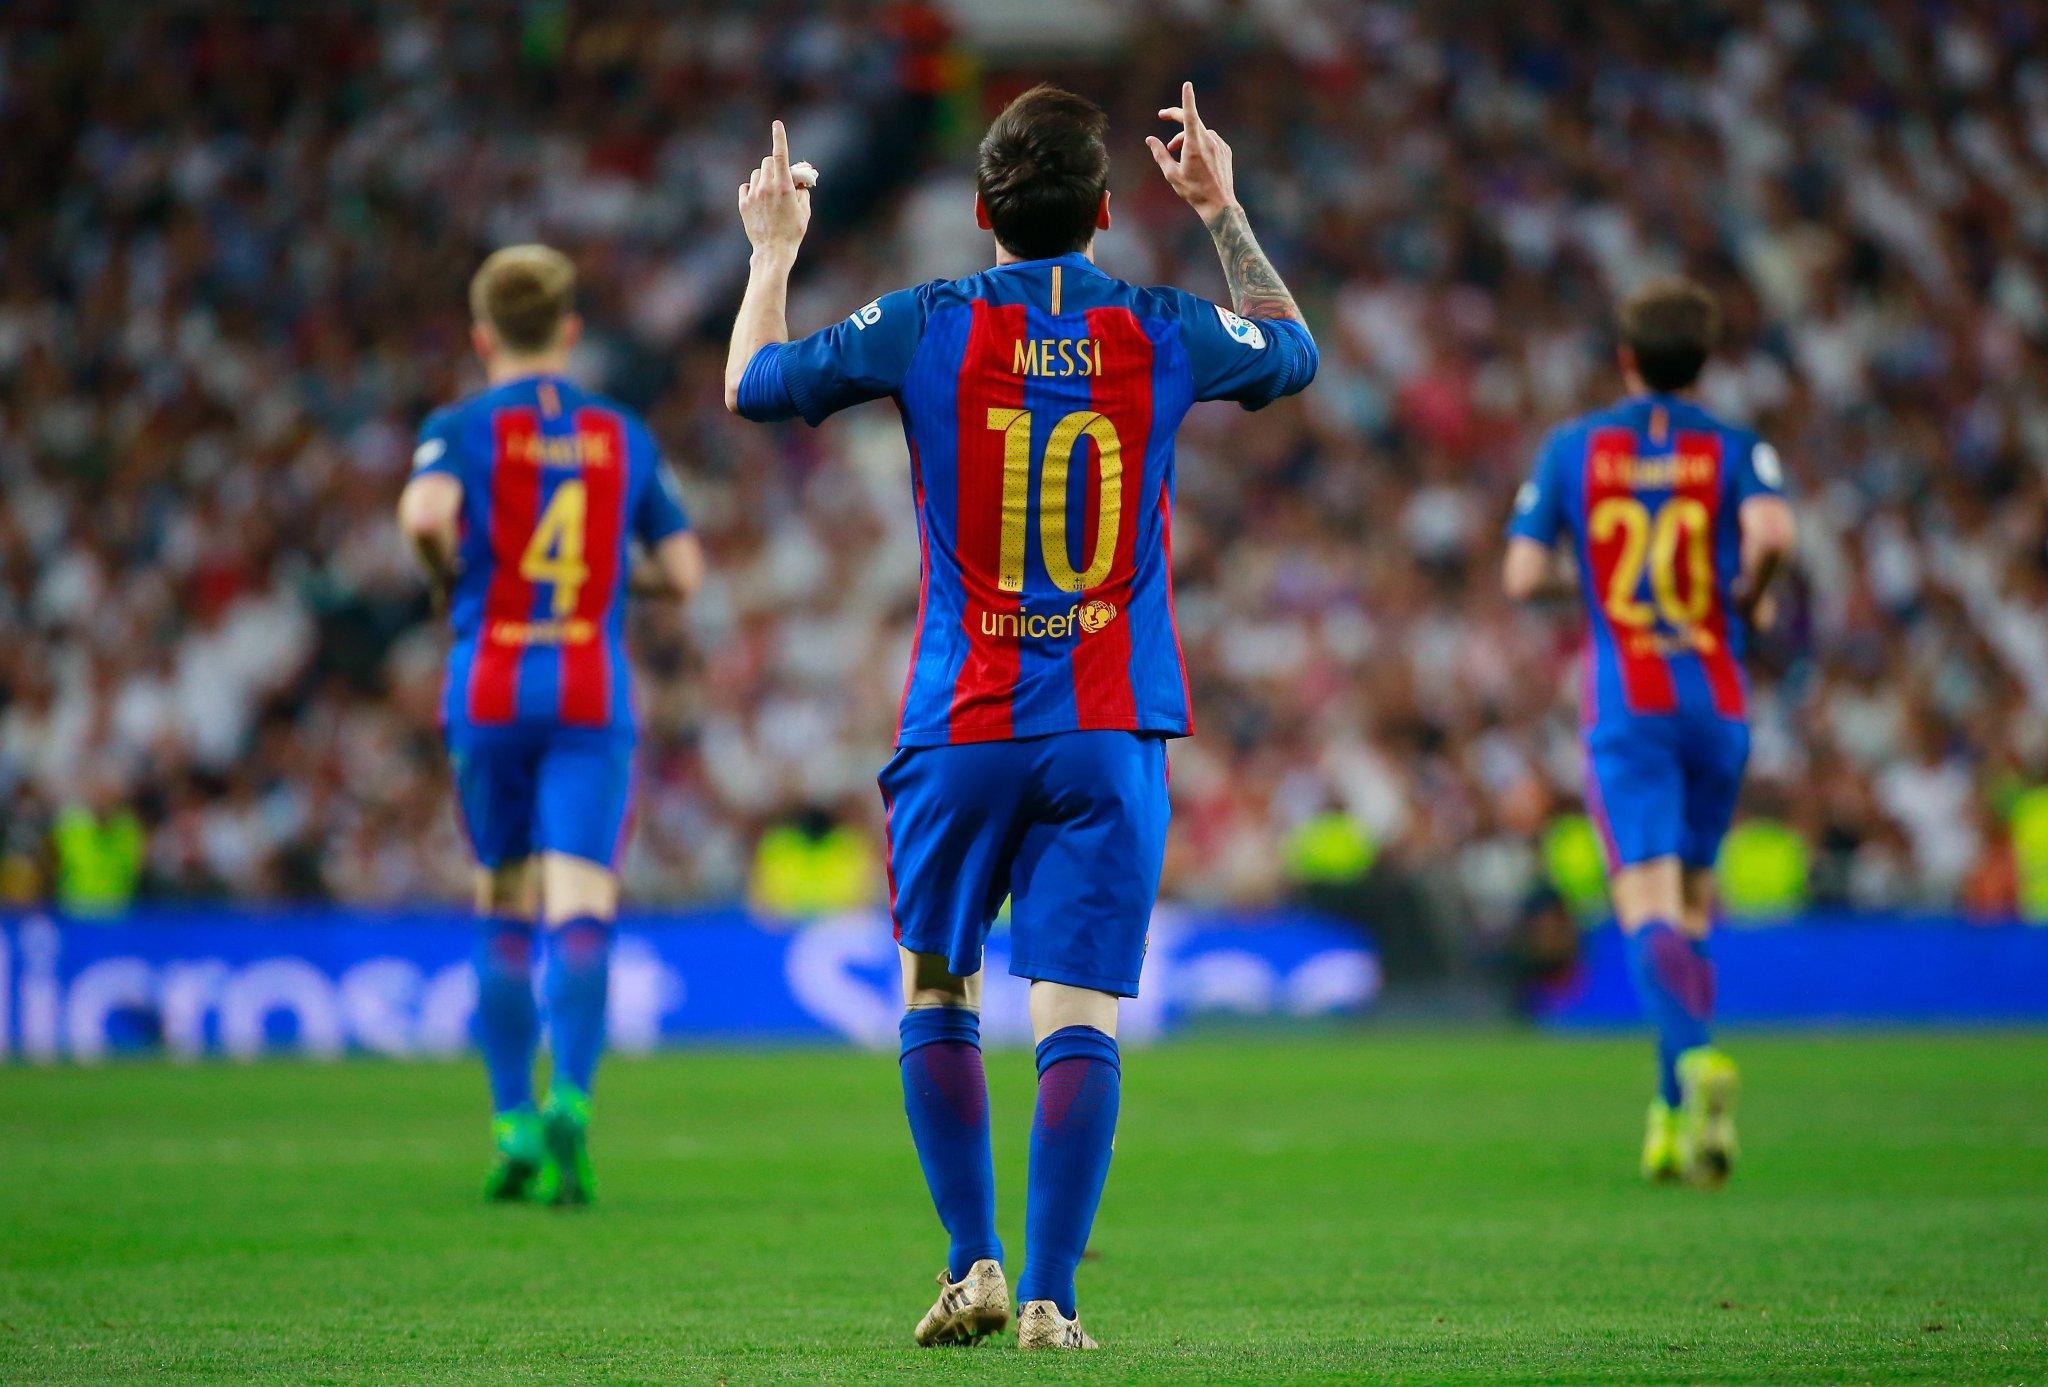 هدف ميسي القاتل في شباك ريال مدريد